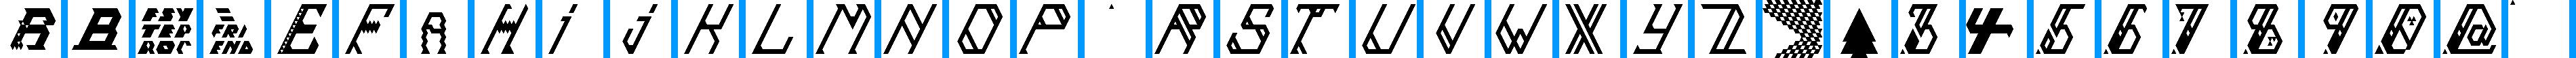 Particip-a-type v.352